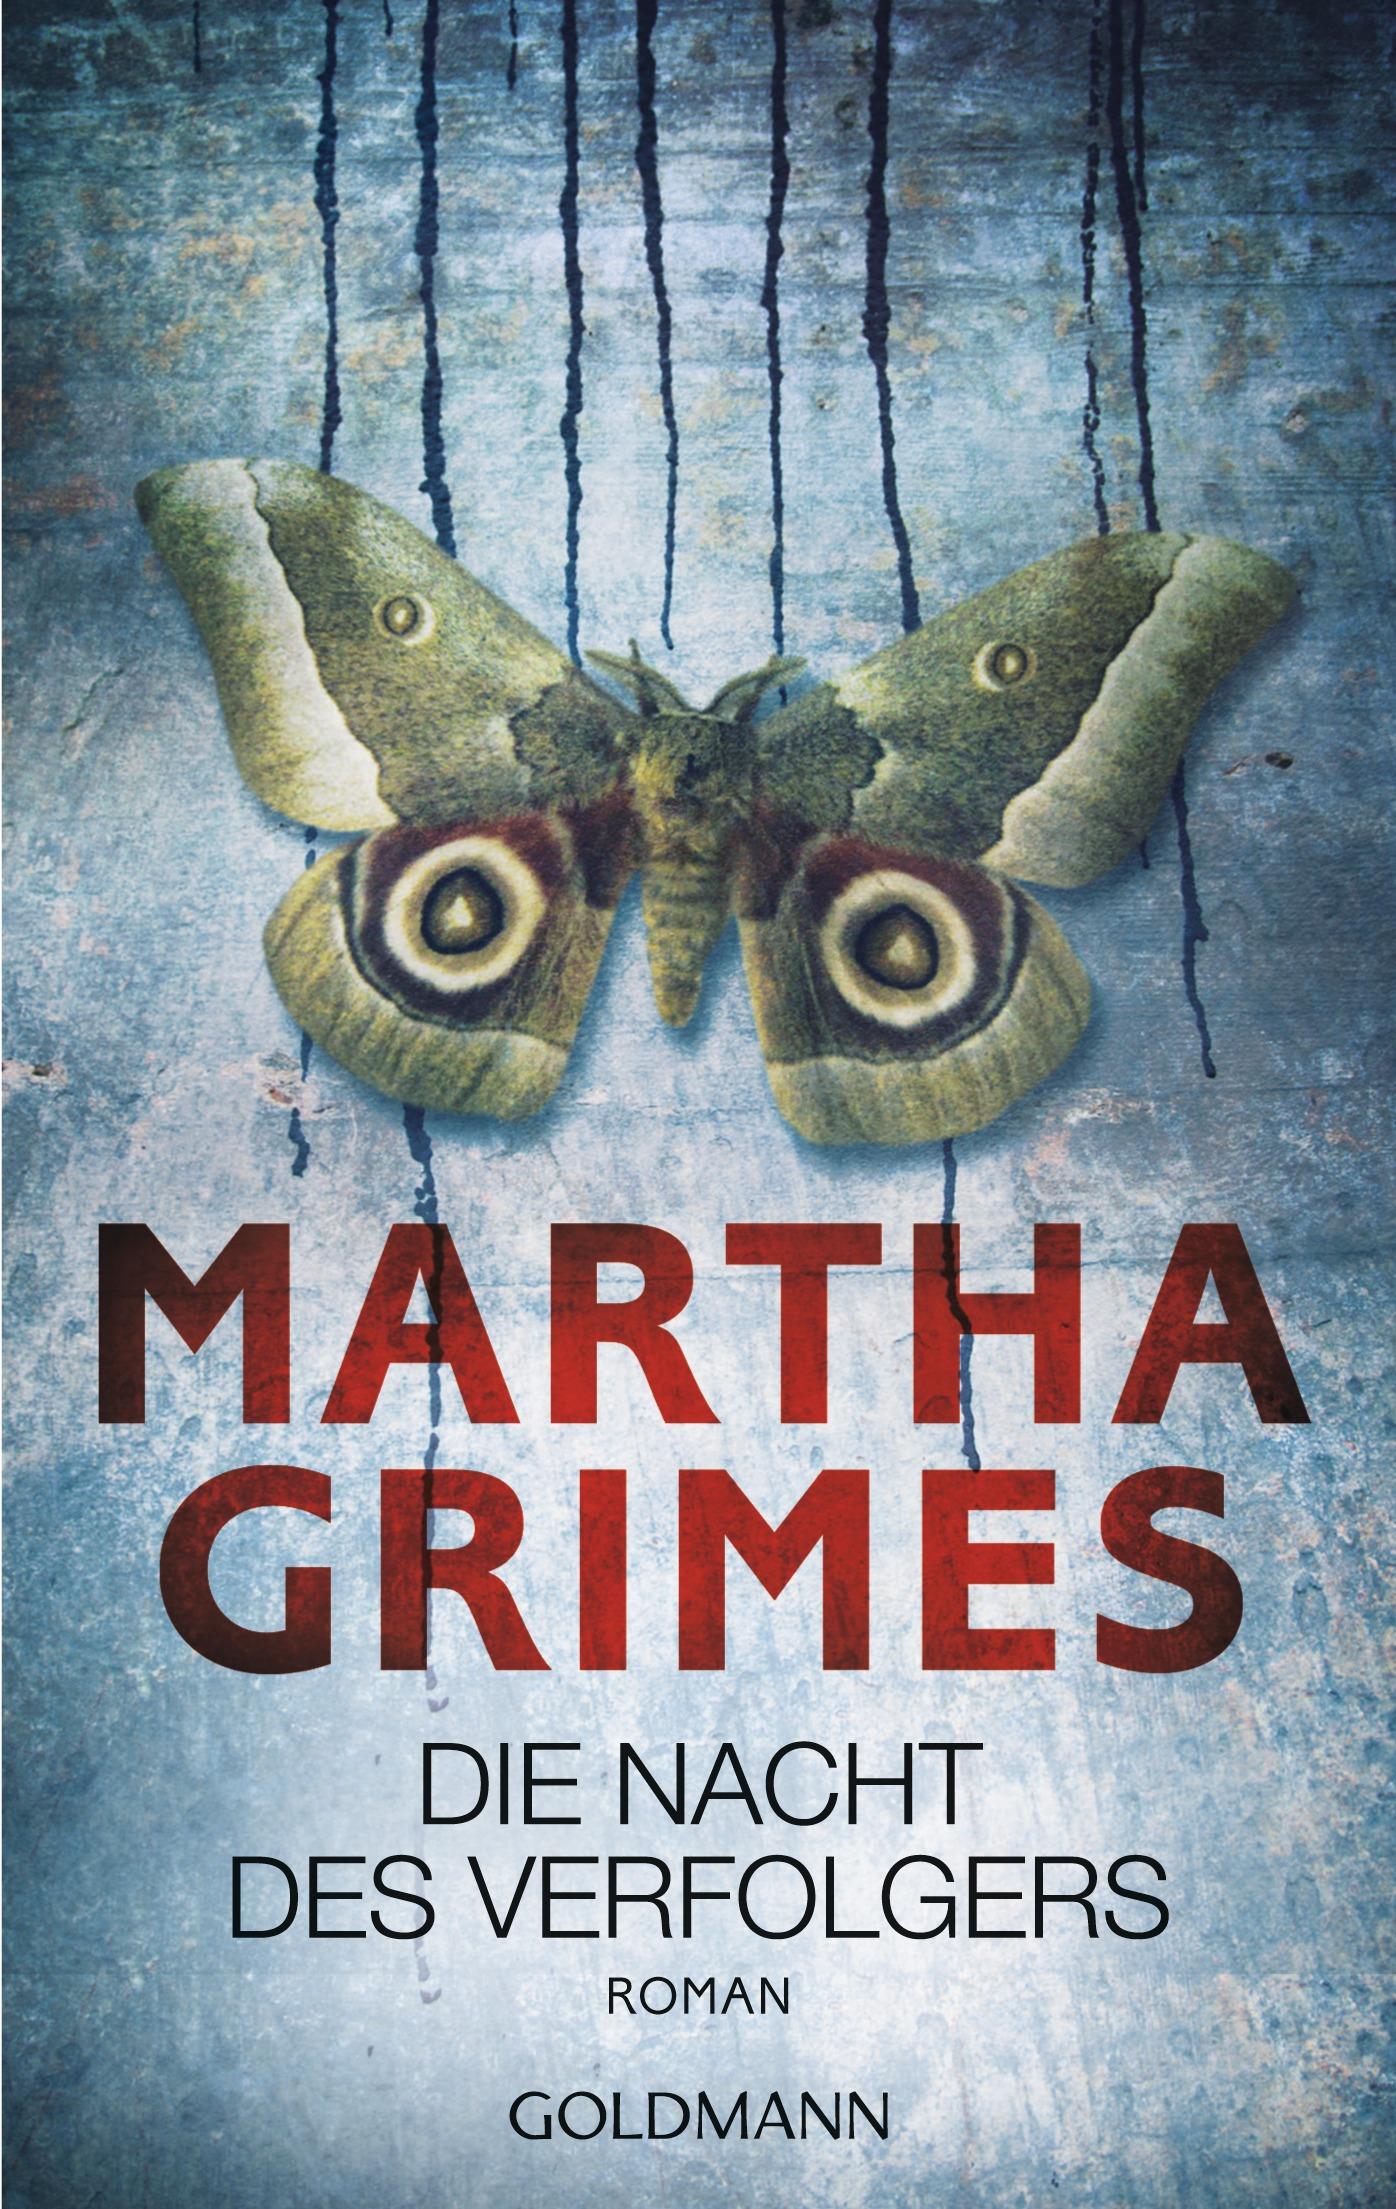 Die-Nacht-des-Verfolgers-Martha-Grimes